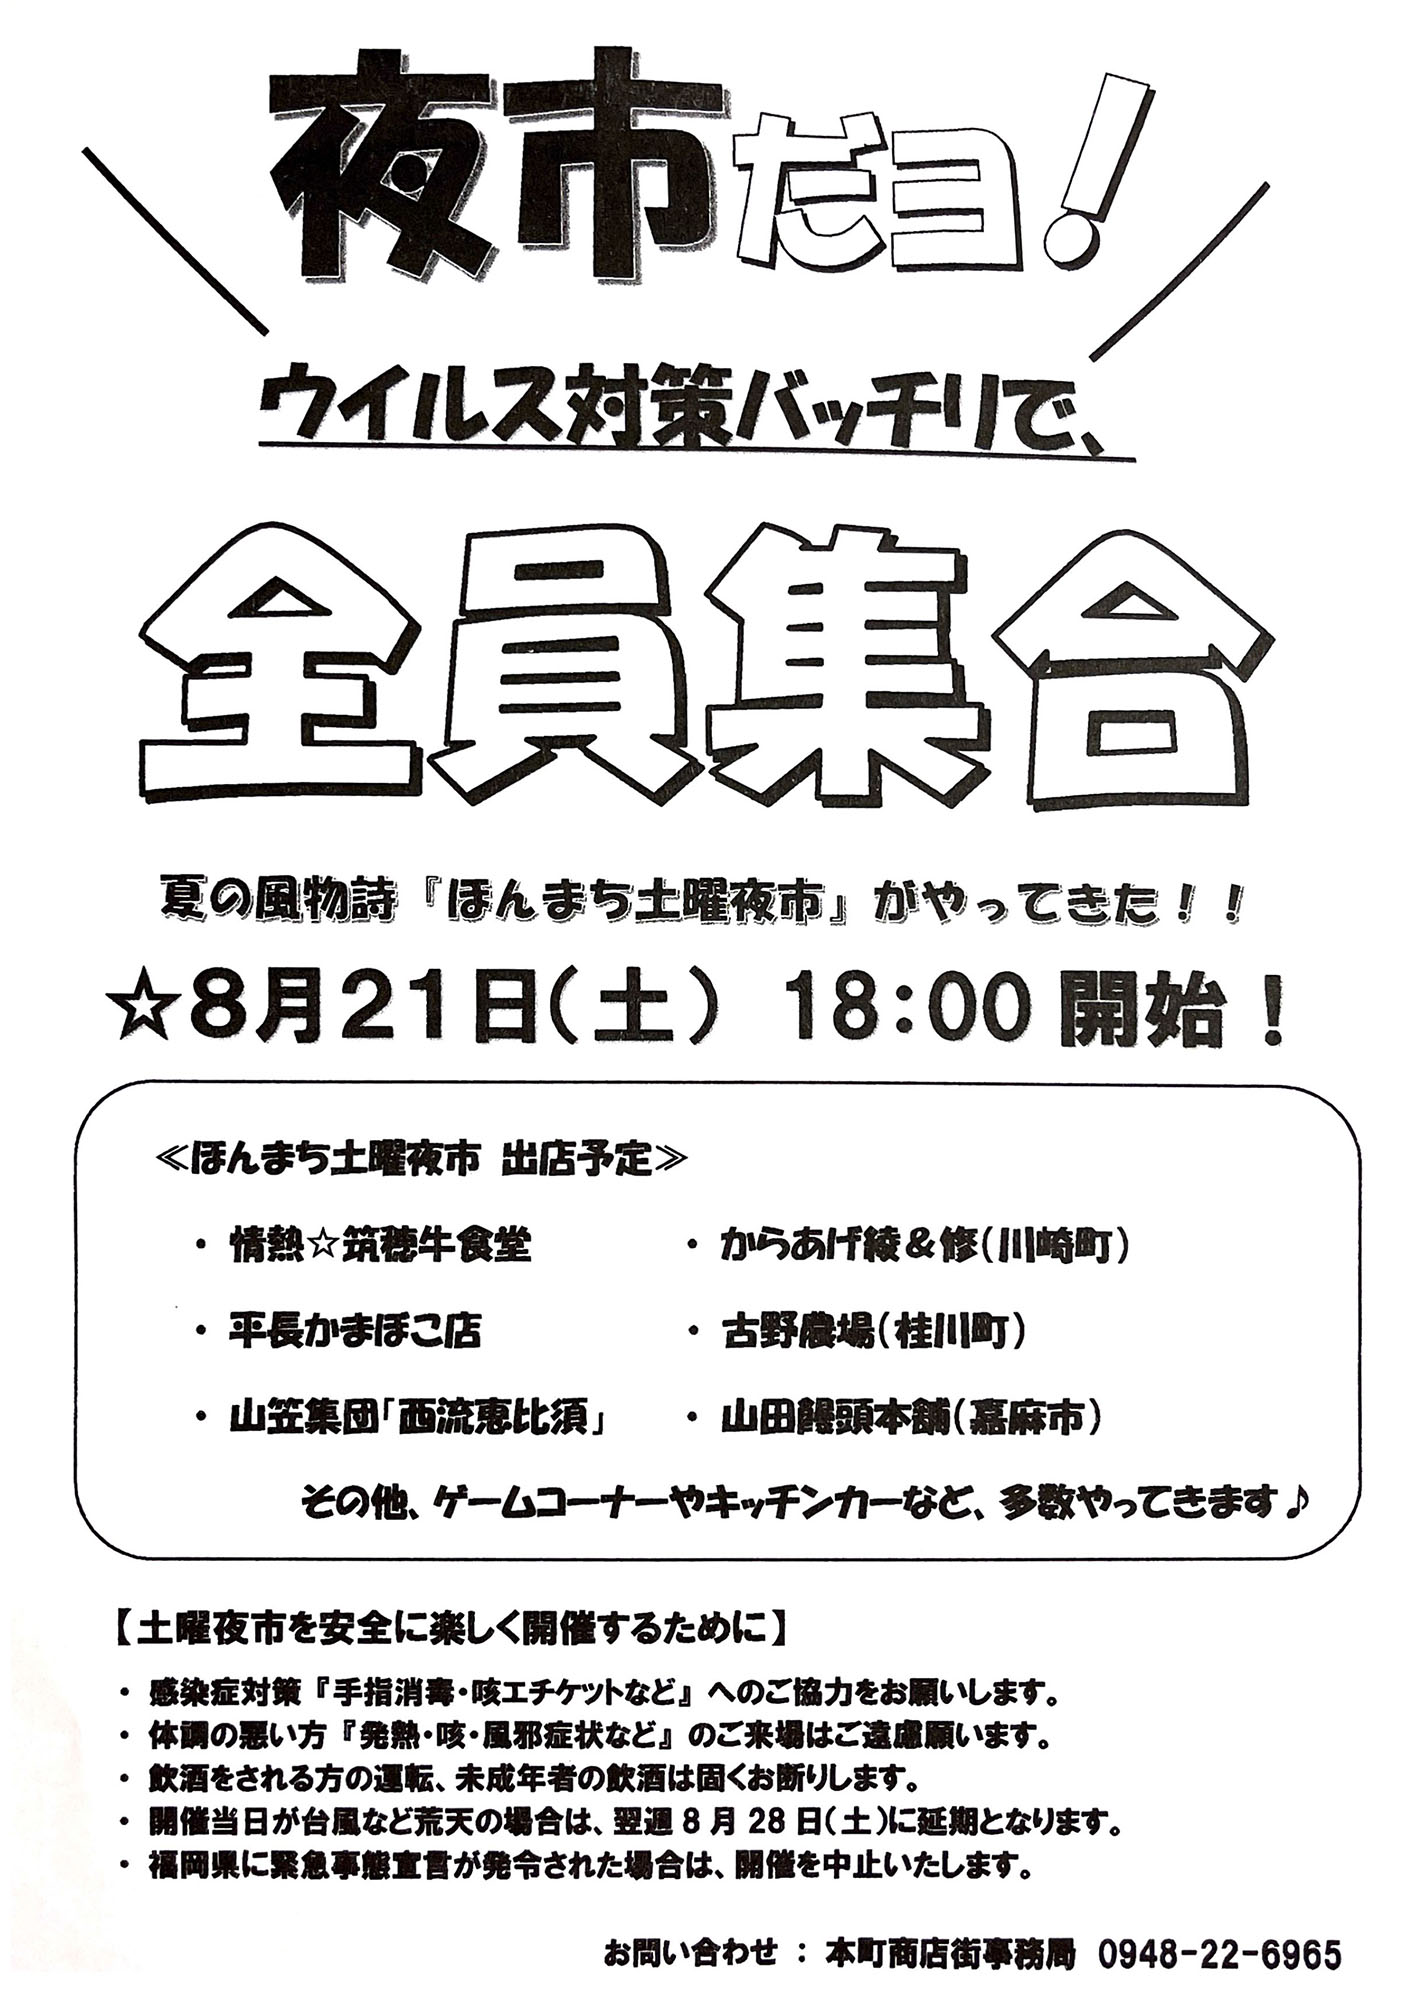 飯塚市本町商店街 土曜夜市 2021